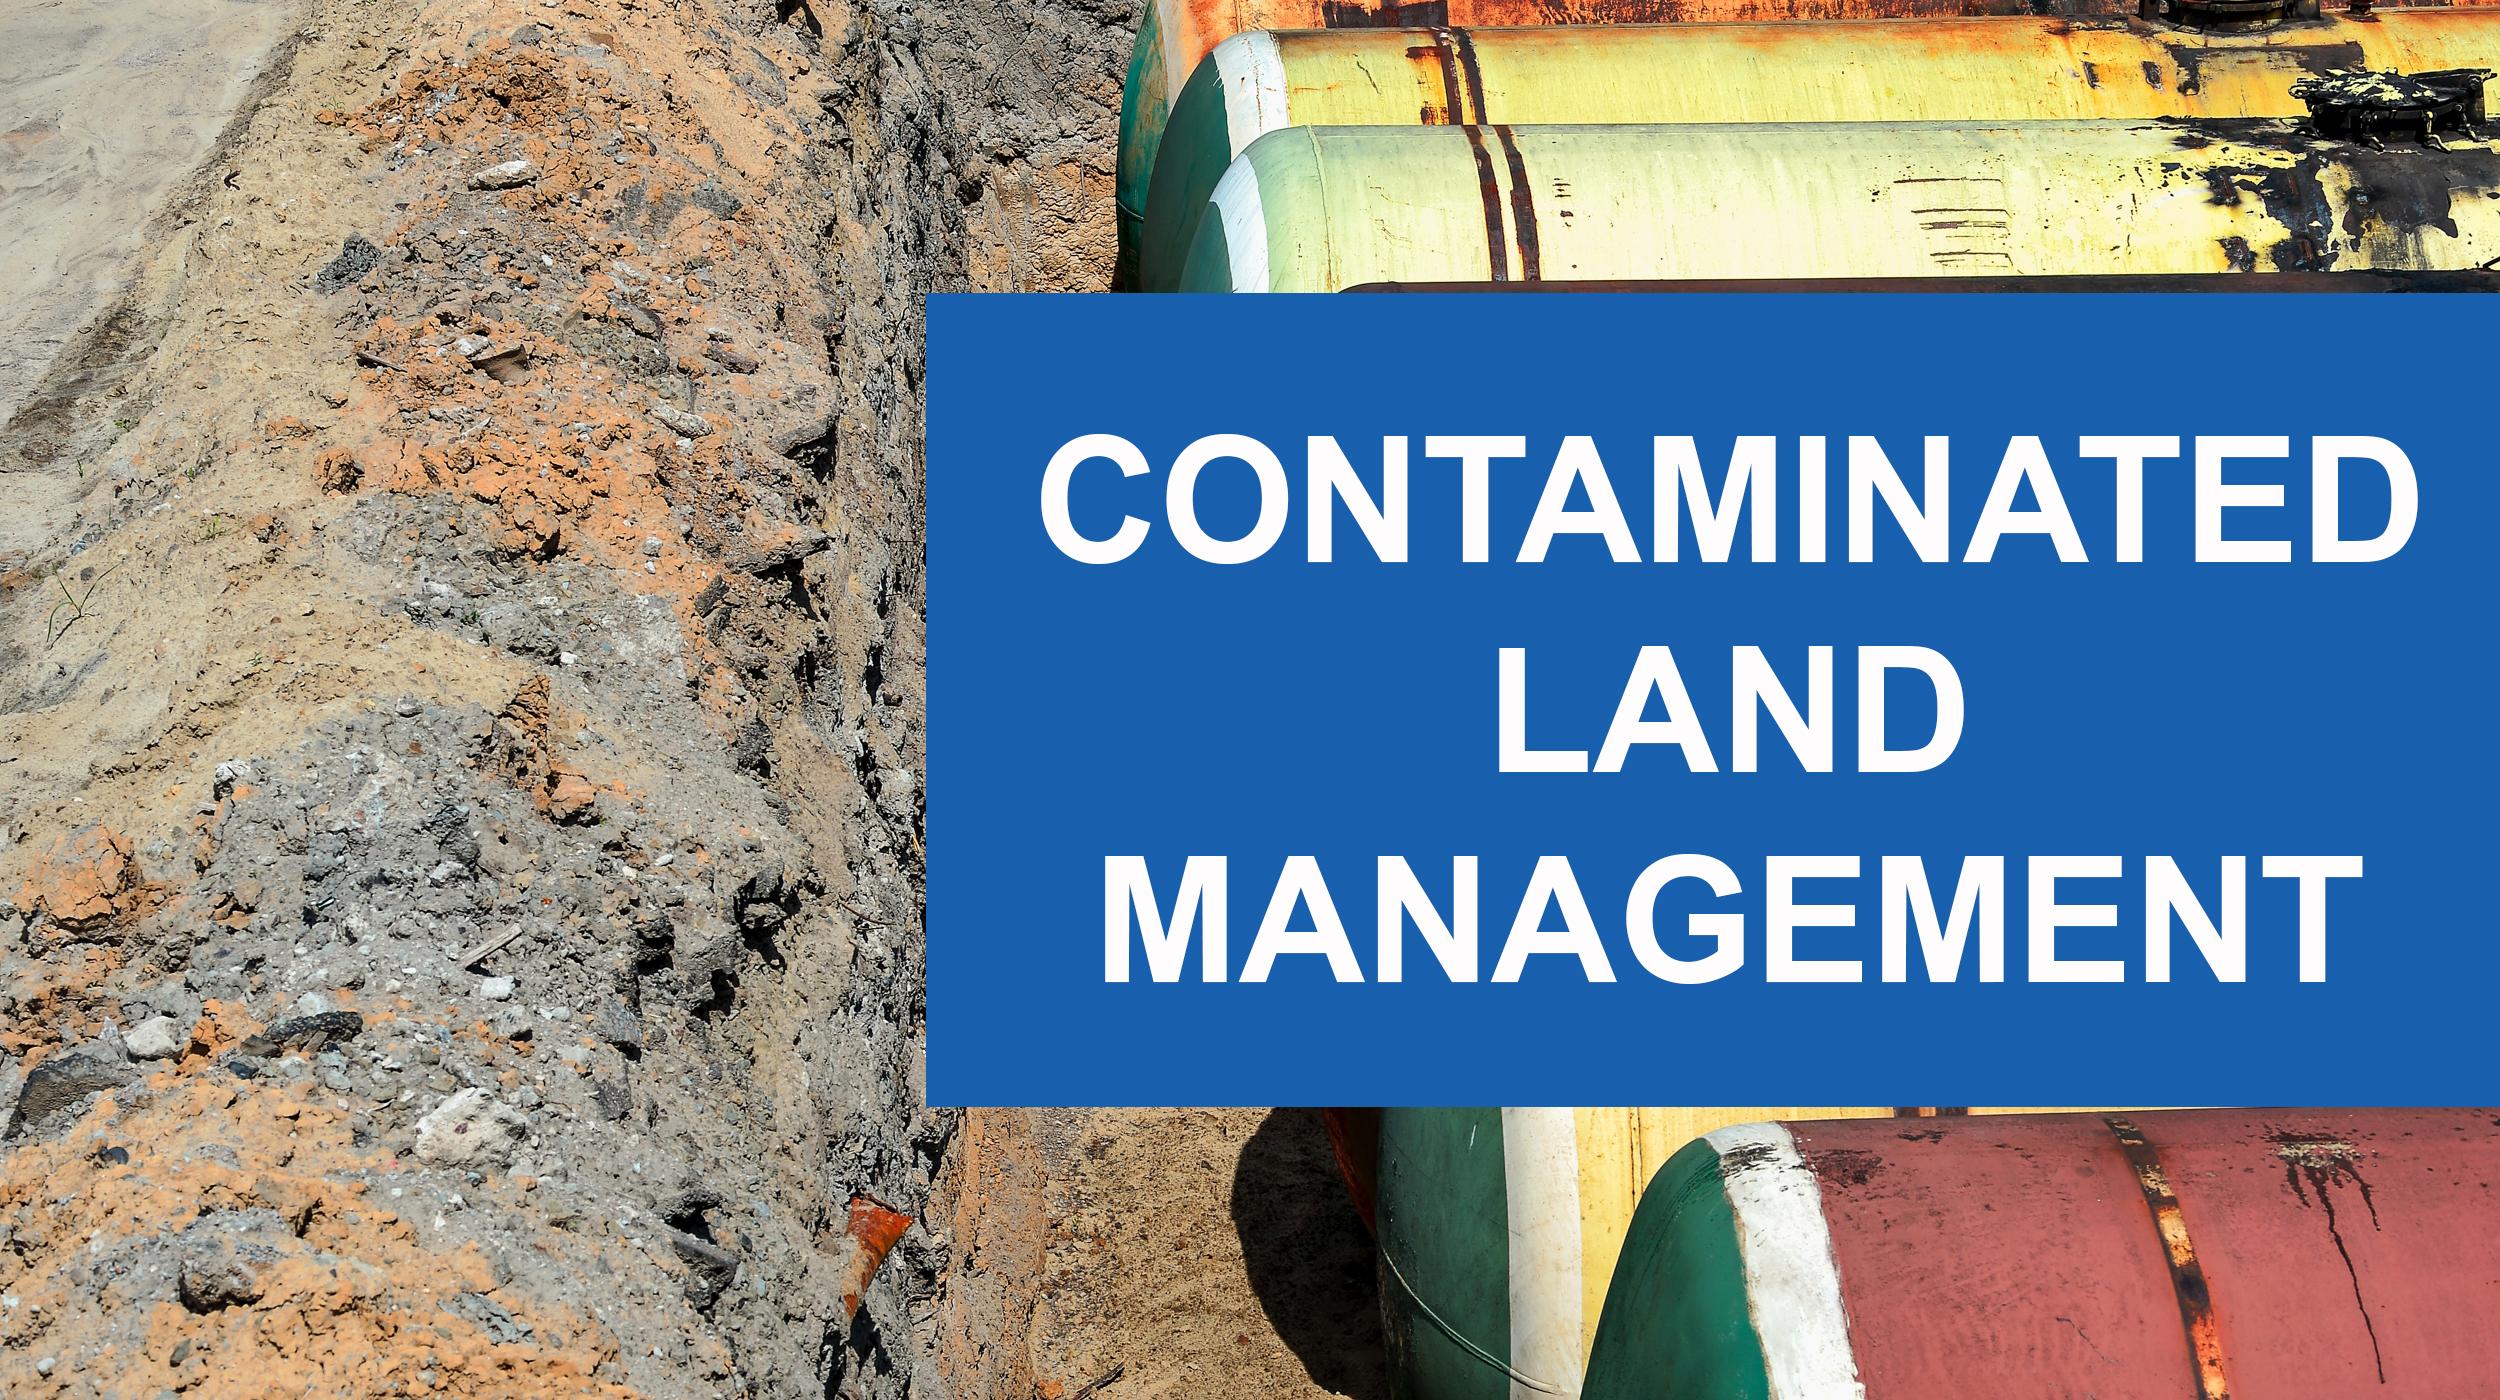 Contaminated Land Management